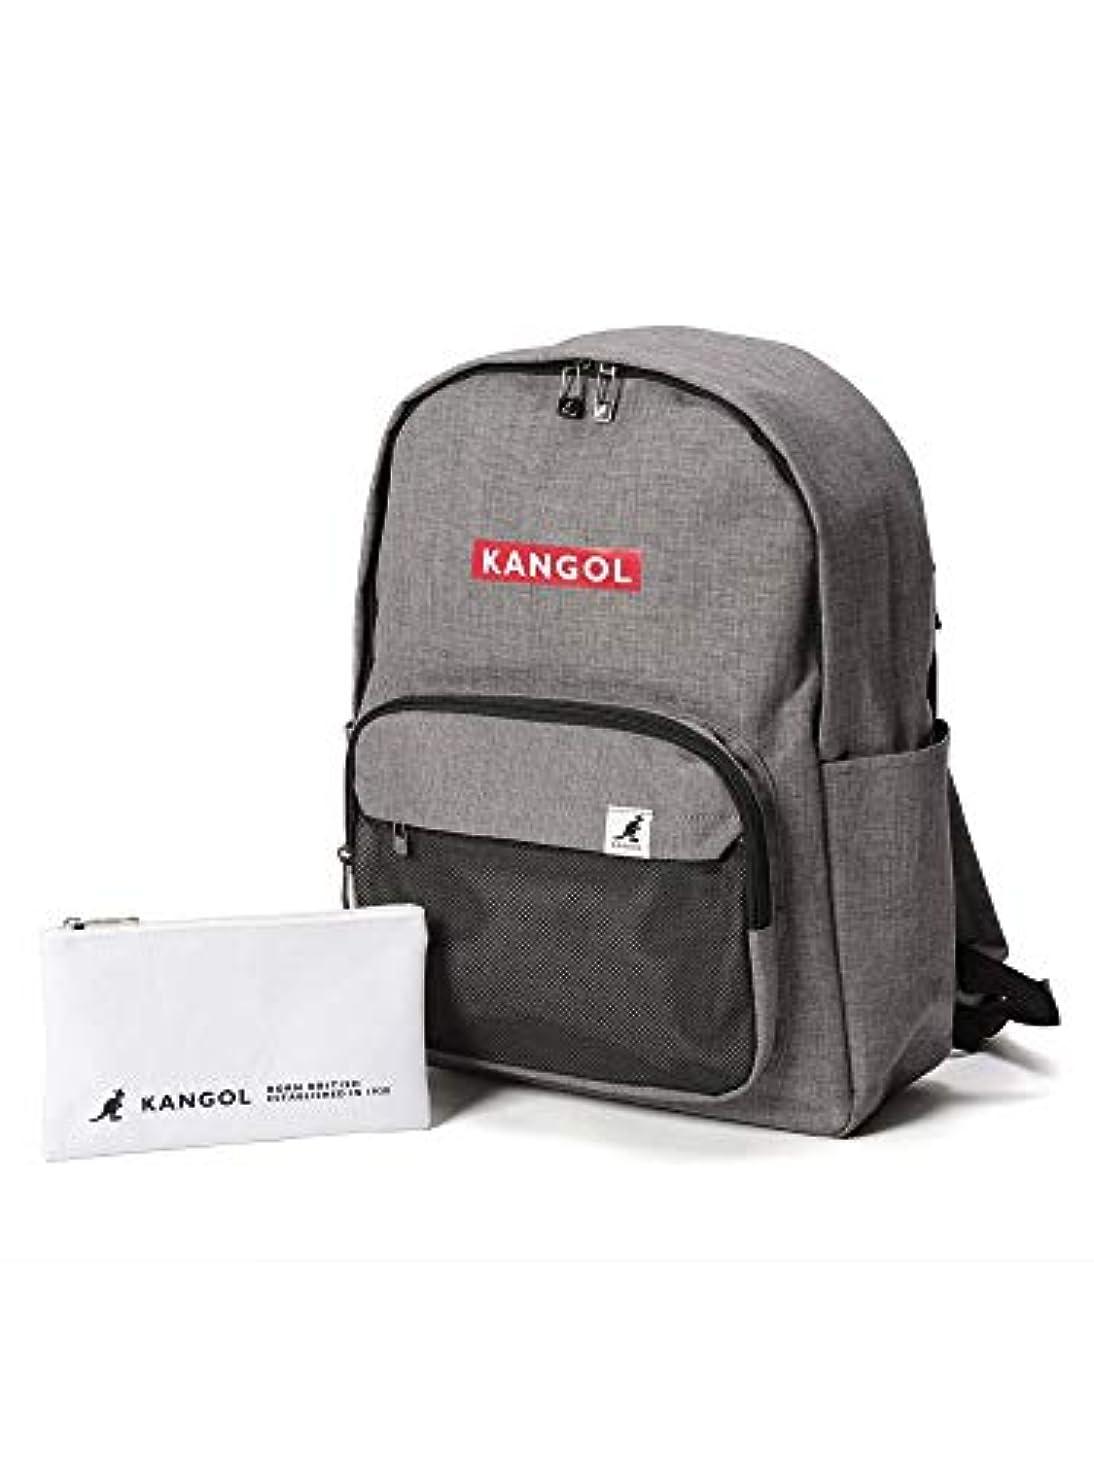 失う命題嬉しいです(カンゴール) KANGOL ロゴ メッシュポケット 背面ファスナー バックパック